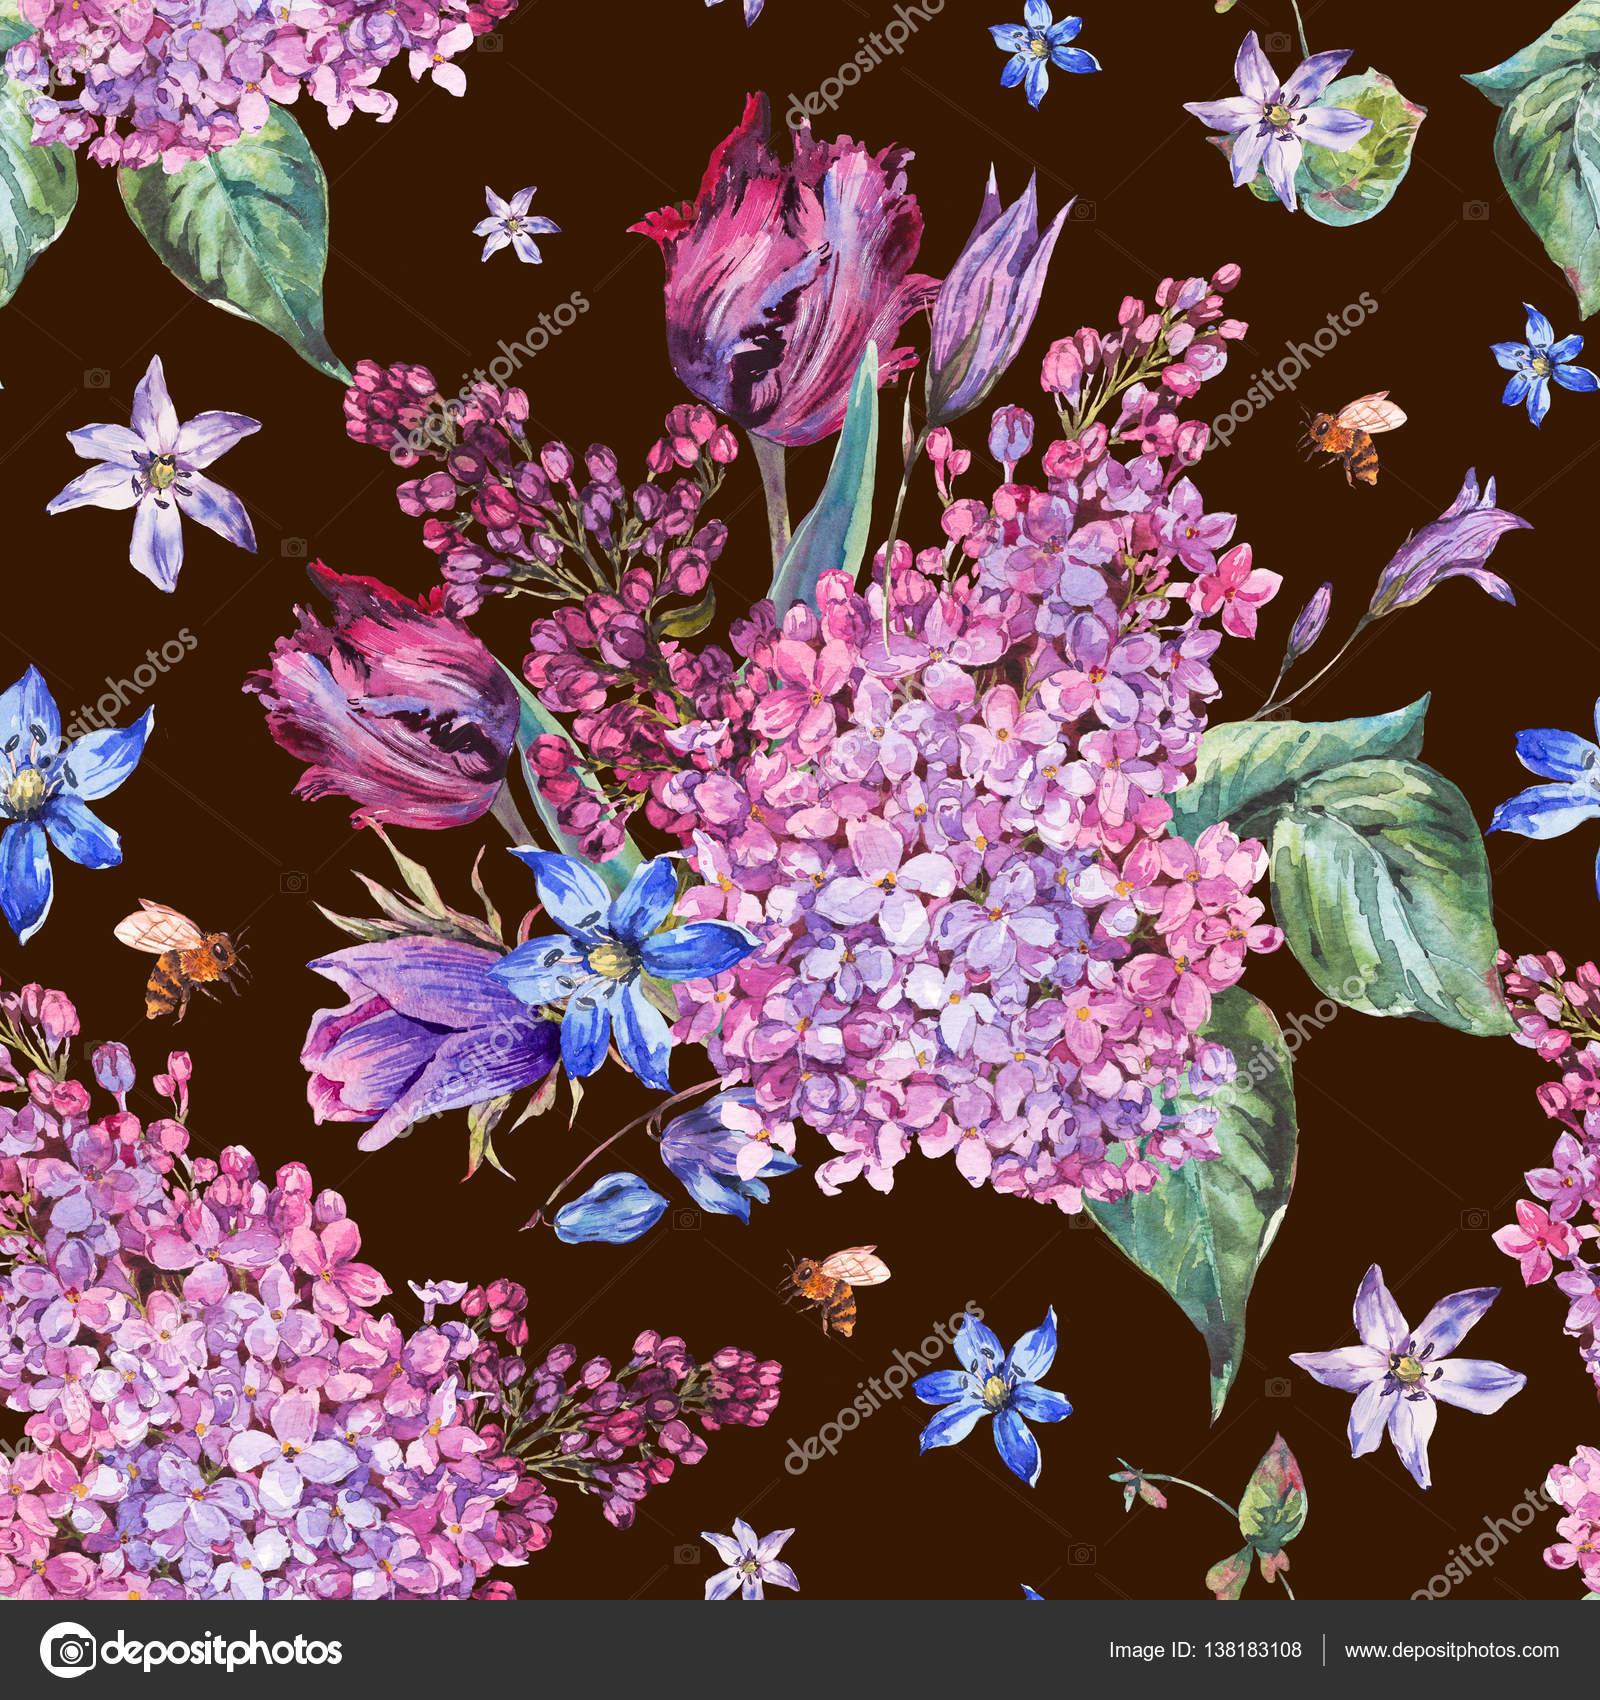 acuarela jardn vintage primavera fondo con flores violetas lilas tulipanes scilla y abeja ilustracin botnica en negro u foto de depiano